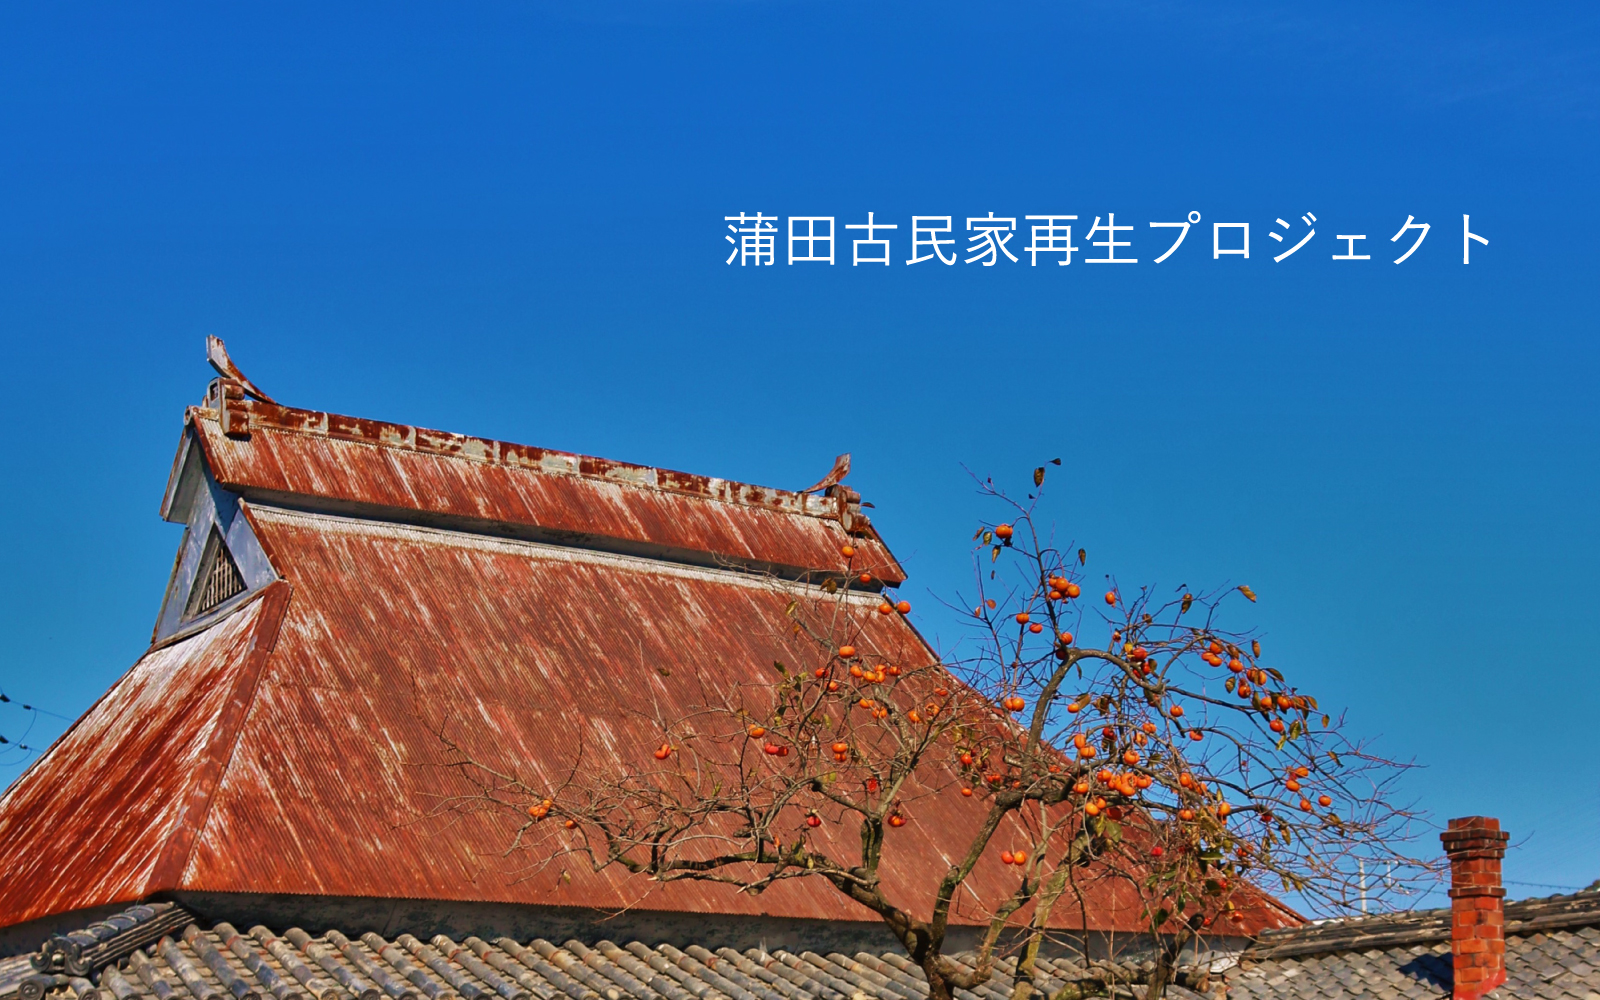 蒲田古民家再生プロジェクト